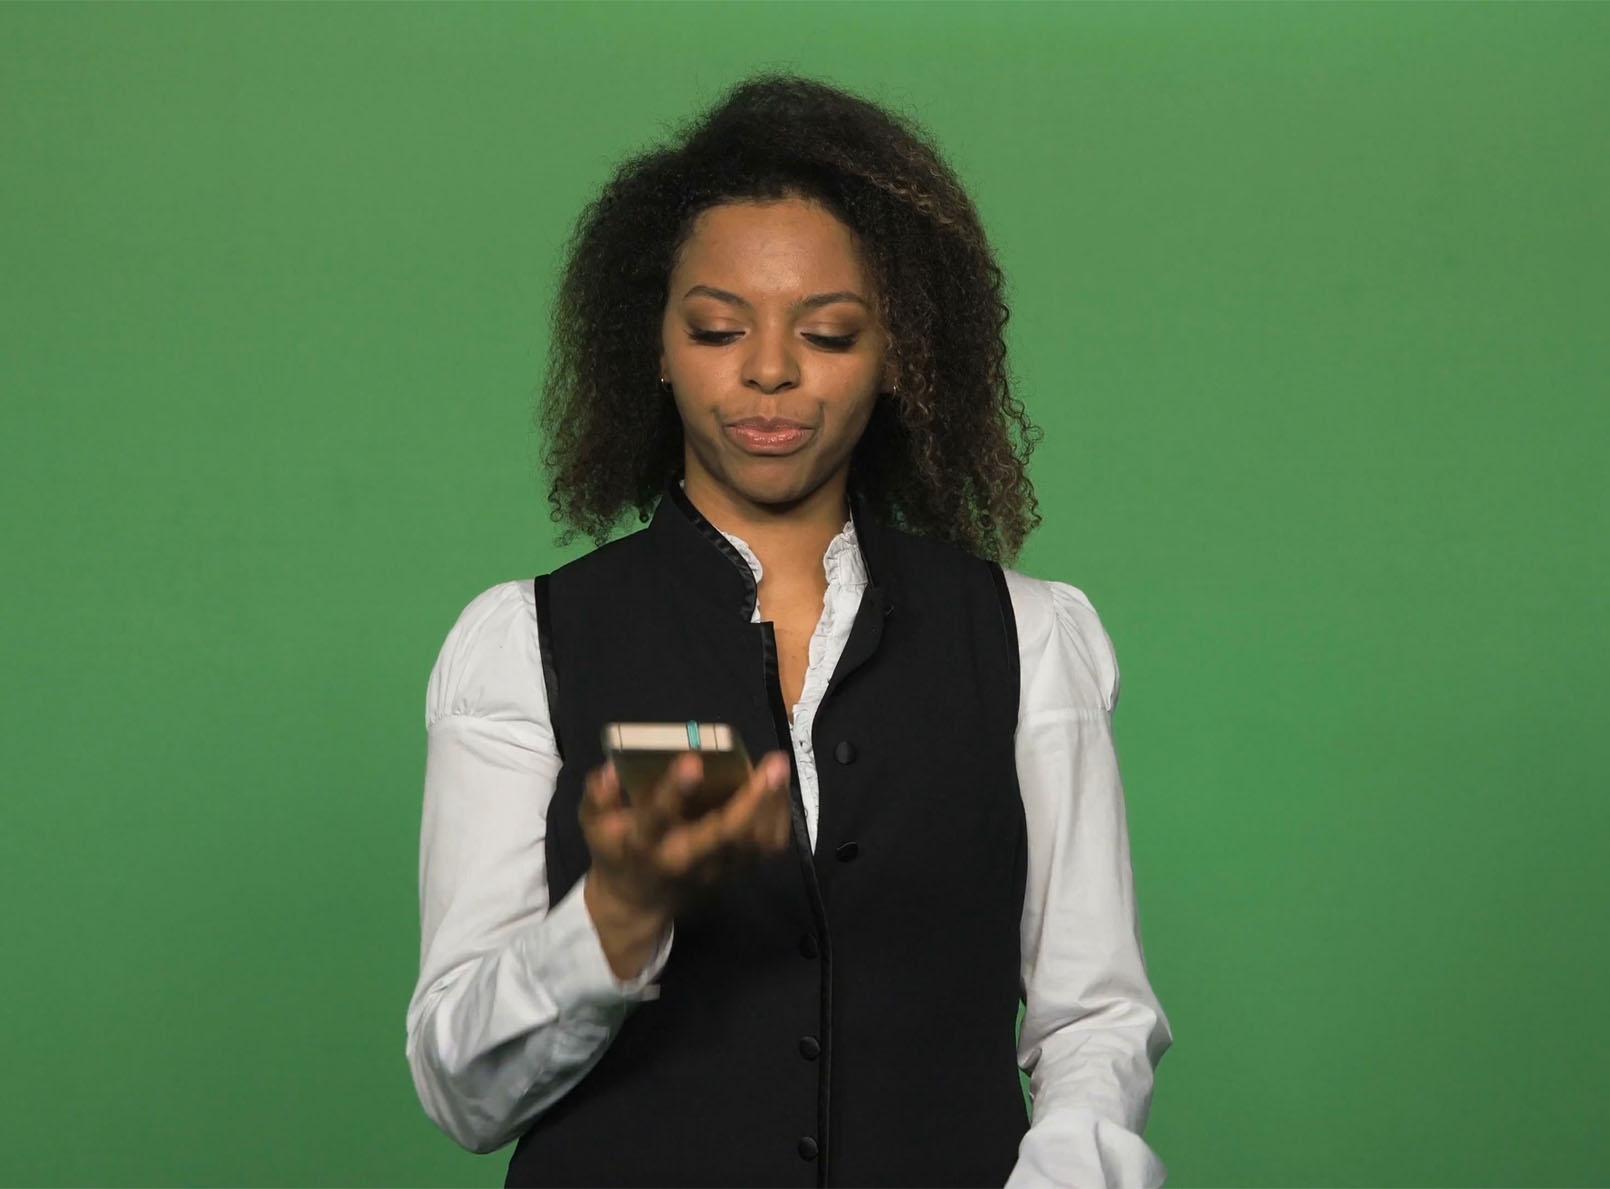 vidyoung-african-business-woman.jpg